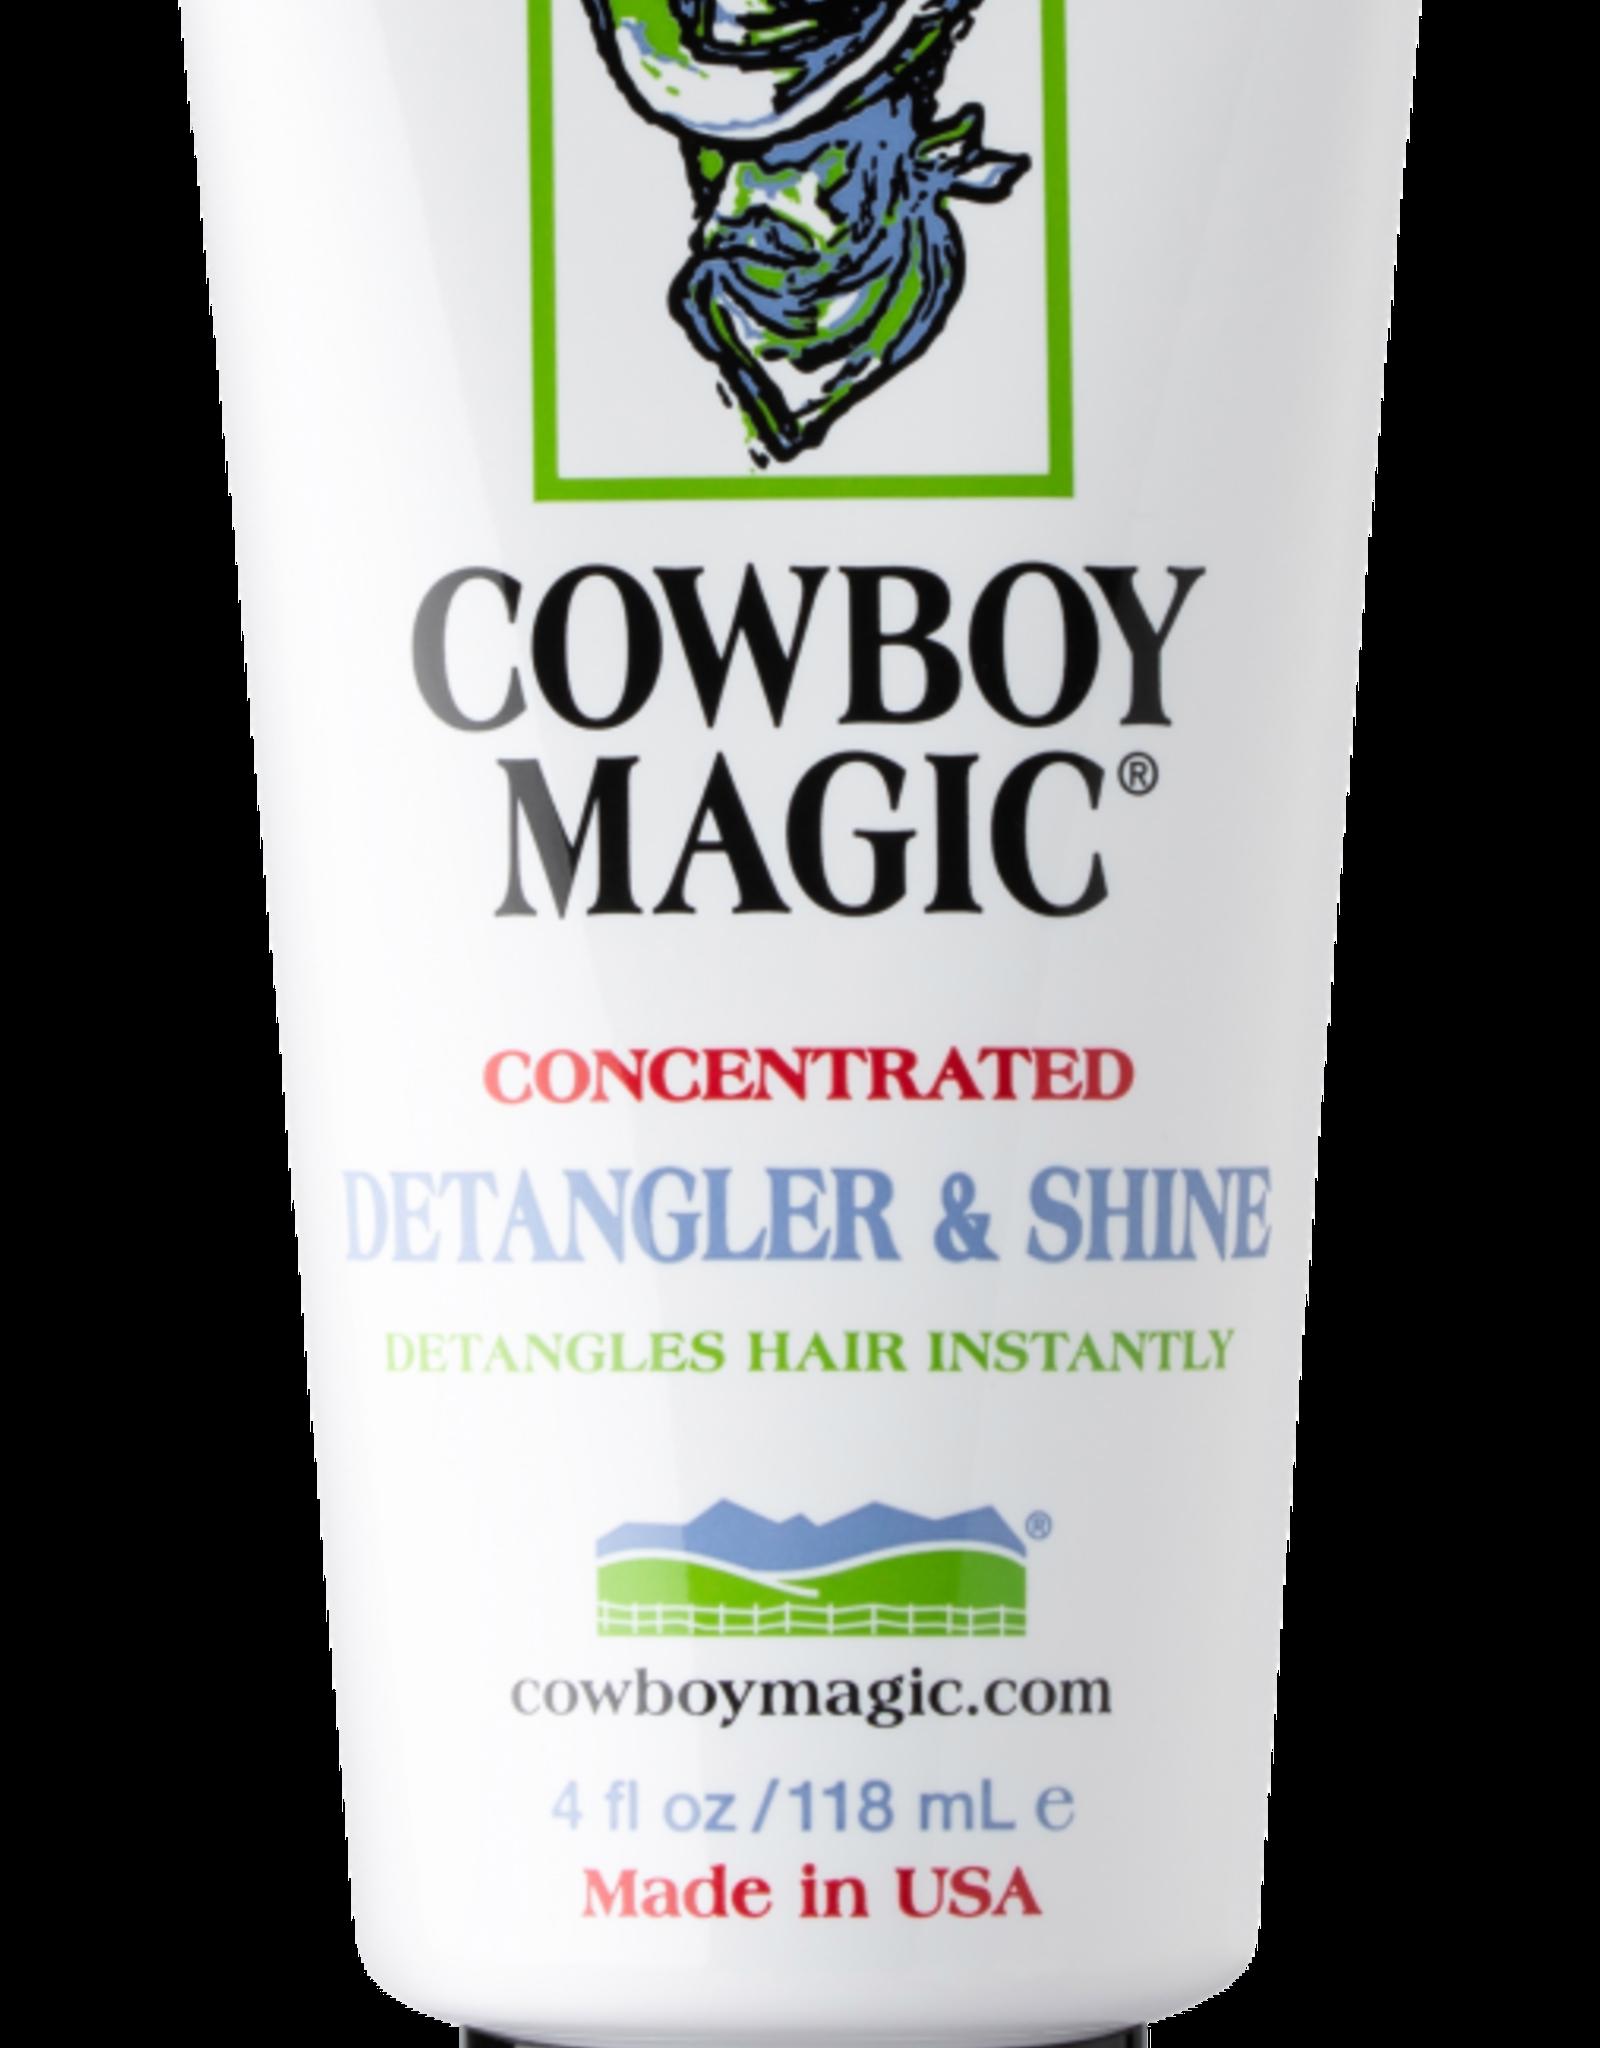 STRAIGHT ARROW PRODUCTS D COWBOY MAGIC DETANGLER 1 OZ